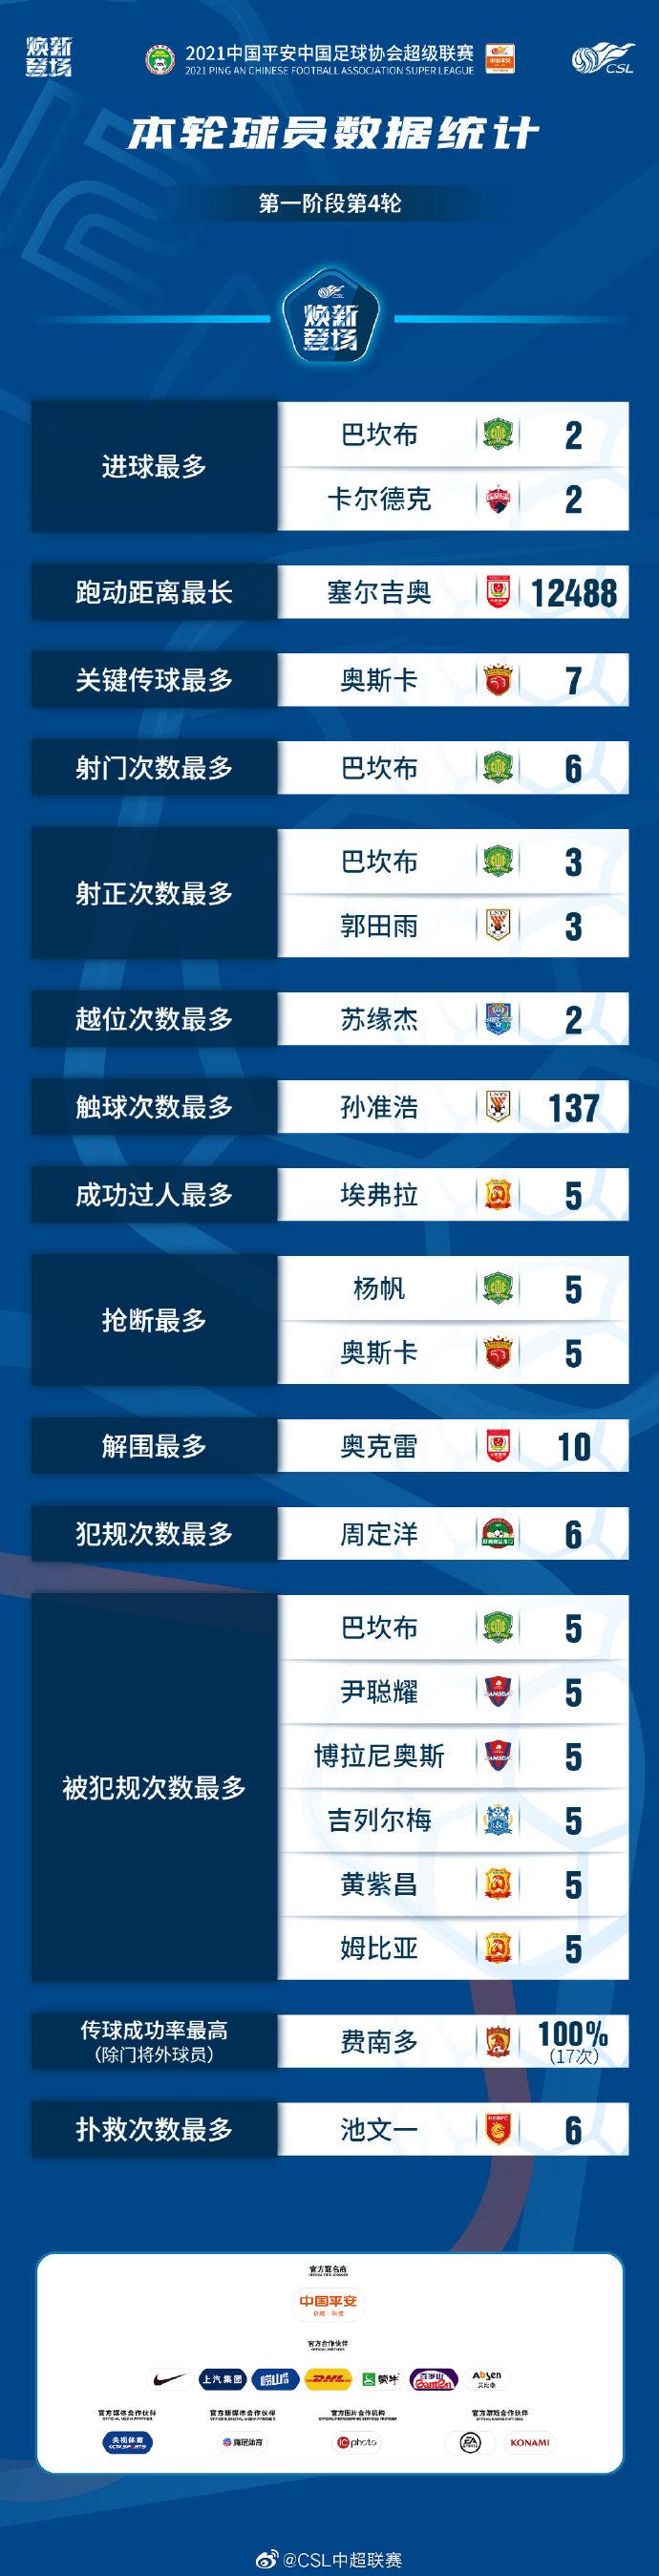 中超第四轮球员数据:巴坎布射门最多,奥斯卡两项第一